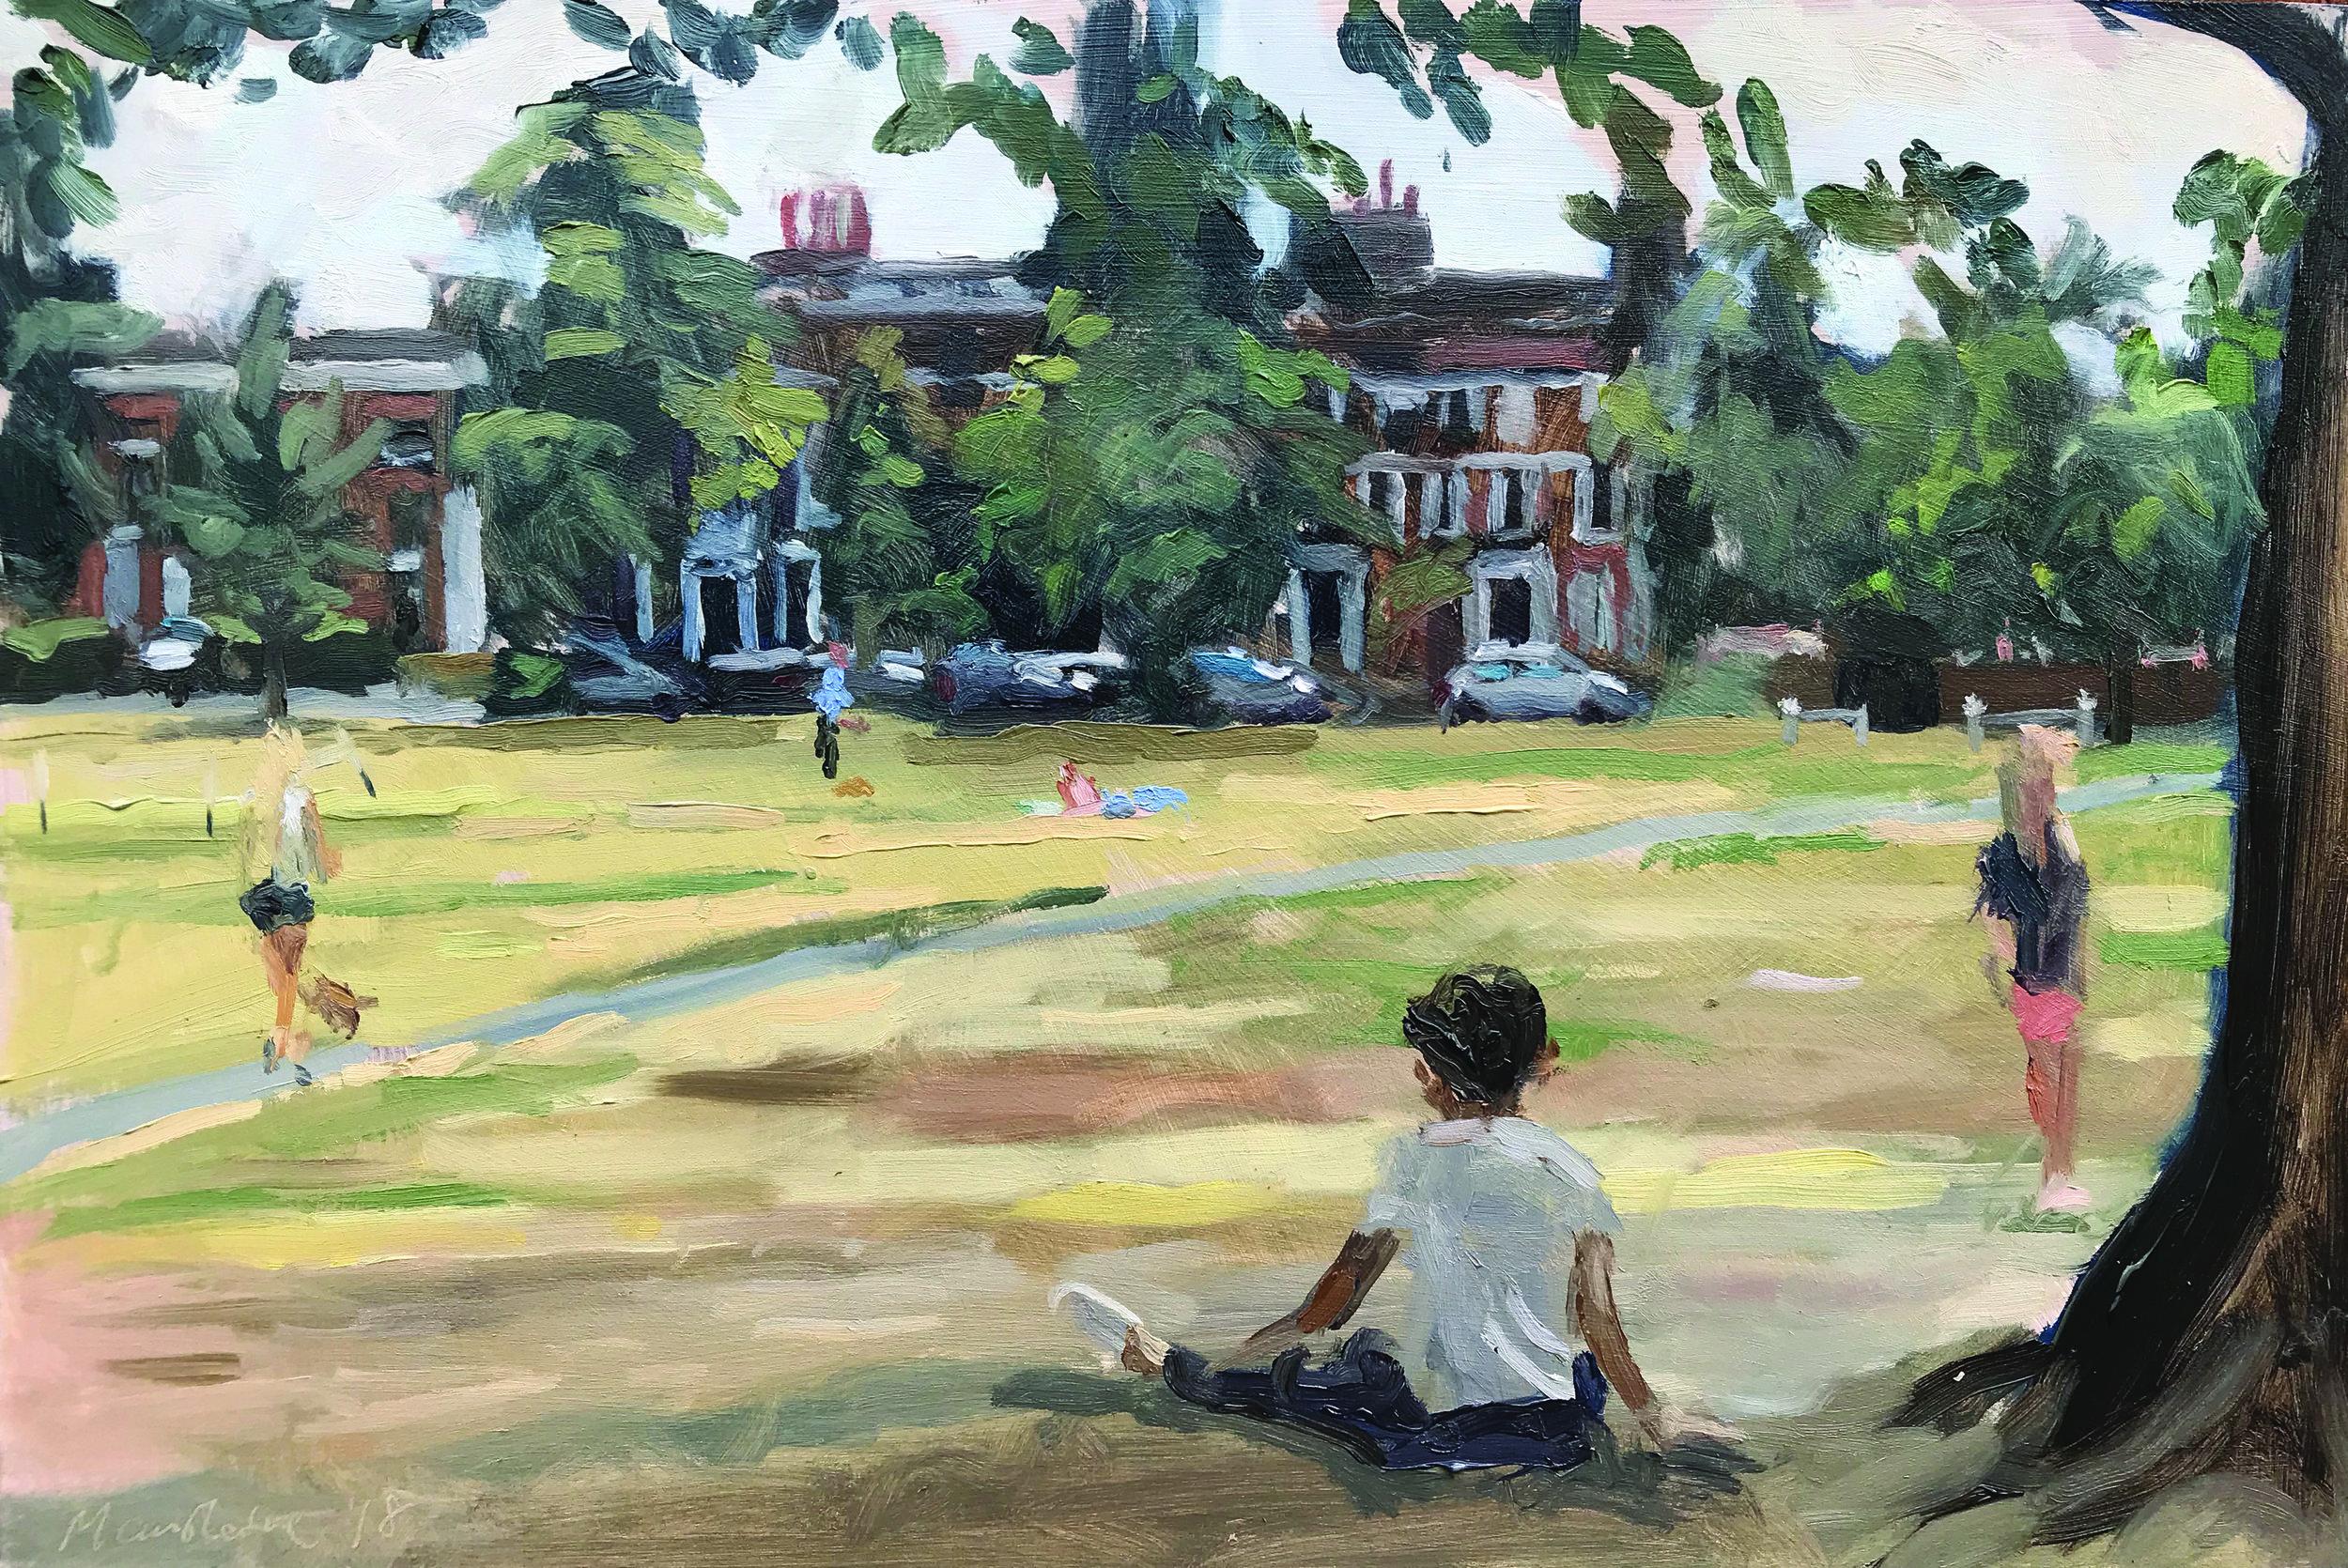 'Richmond Park', by Sarah Manolescue